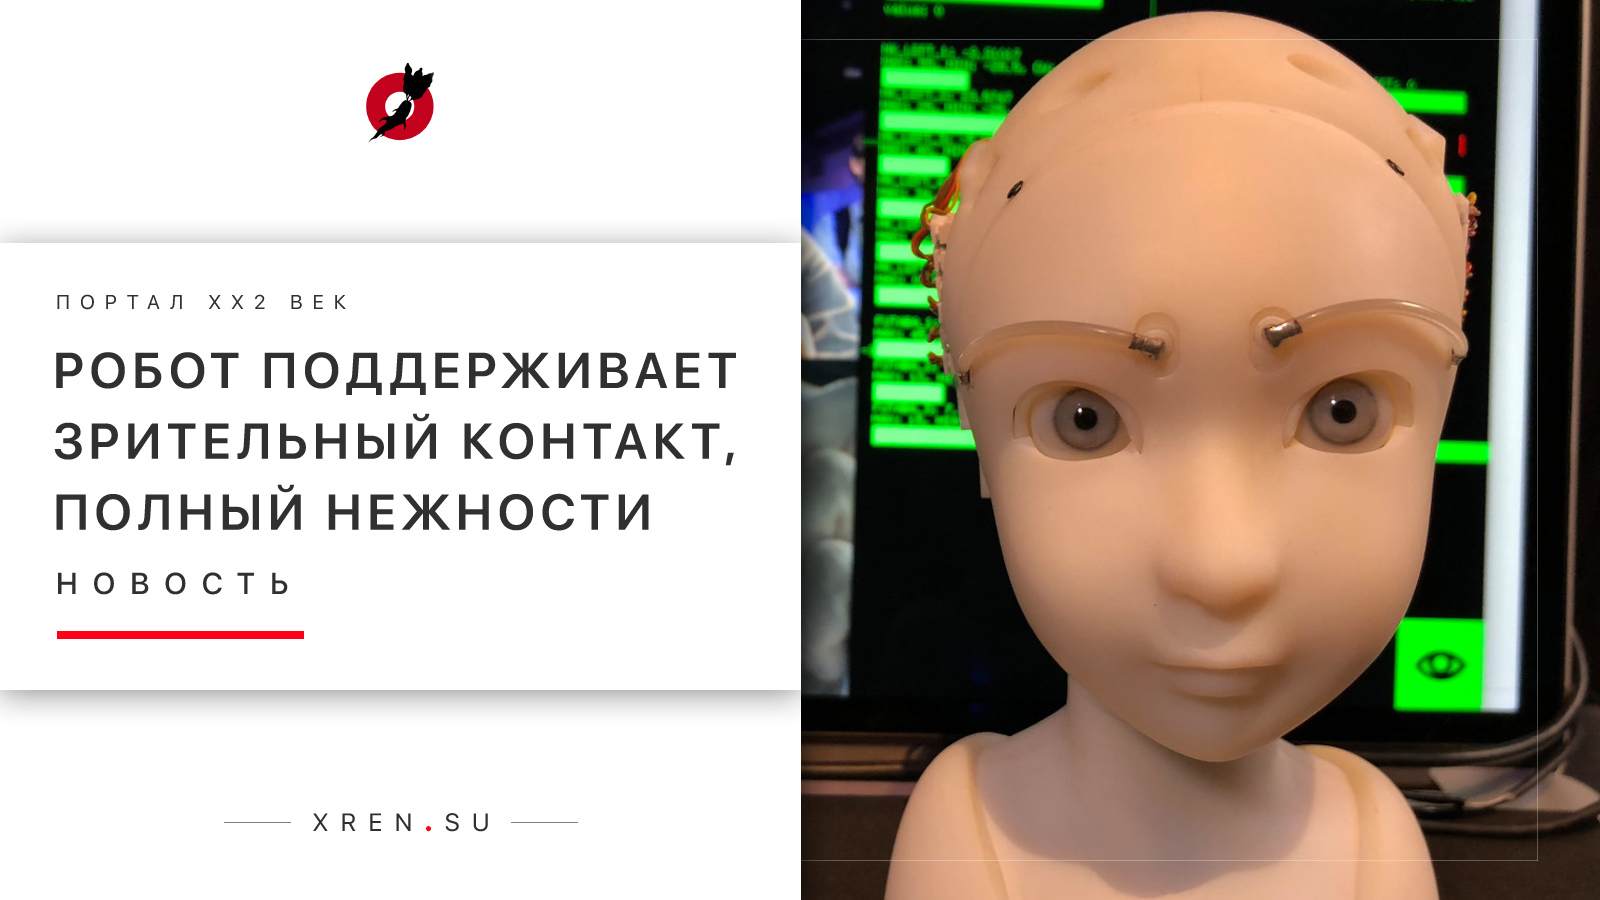 Робот поддерживает зрительный контакт, полный нежности